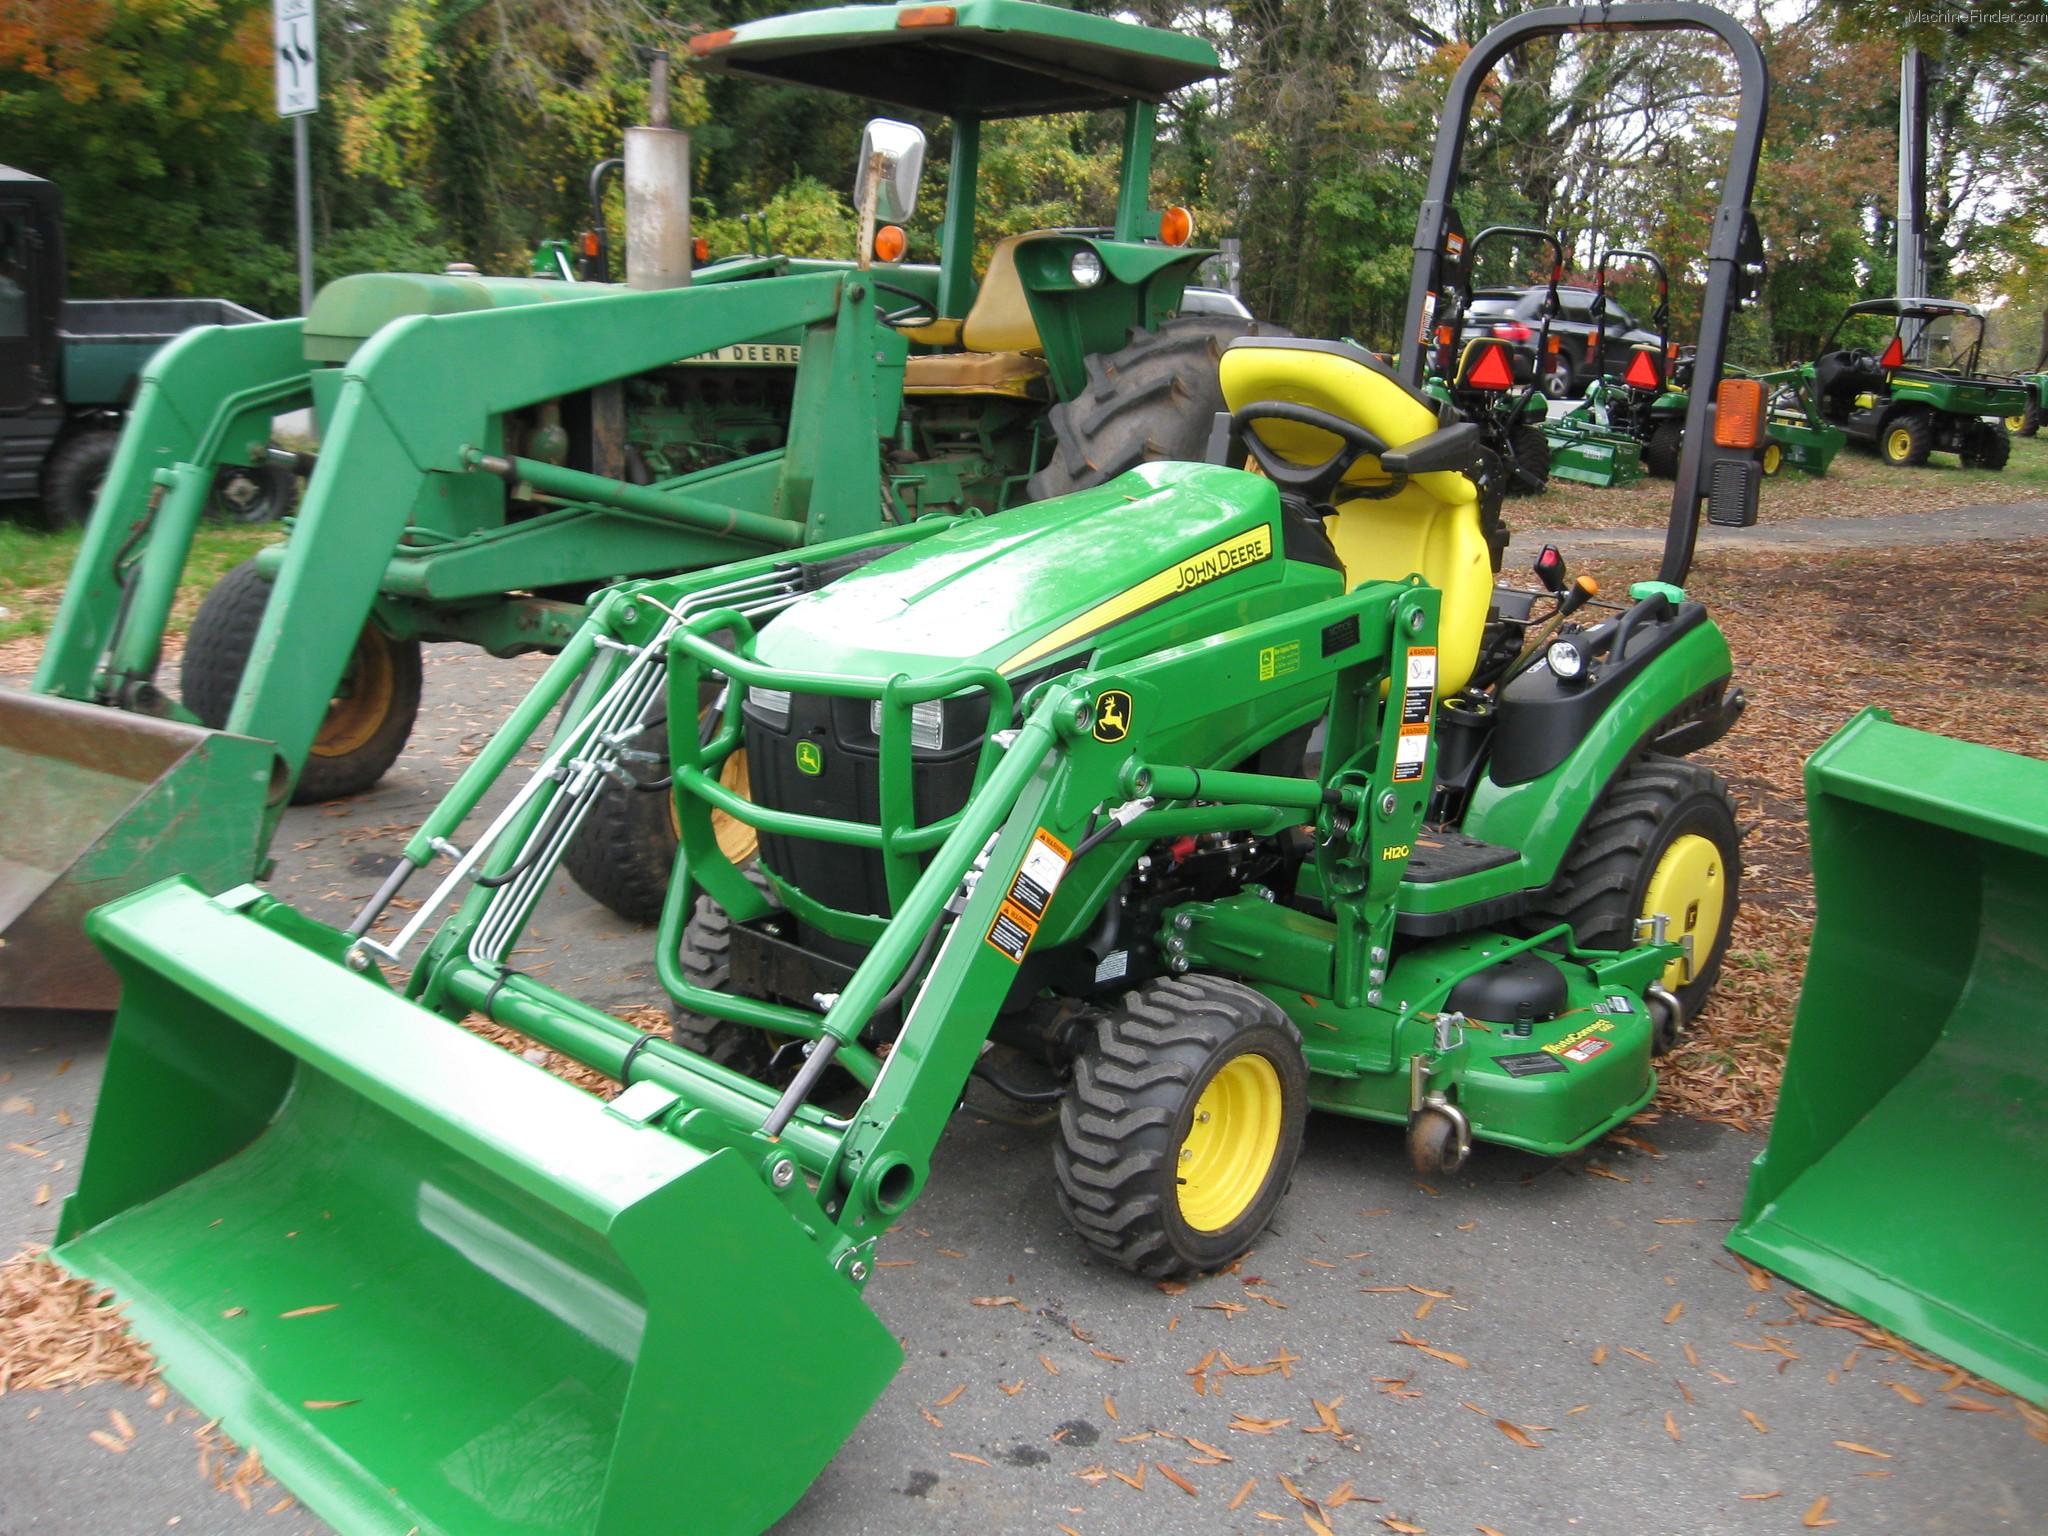 2014 John Deere 1025R Tractors - Compact (1-40hp.) - John Deere ...